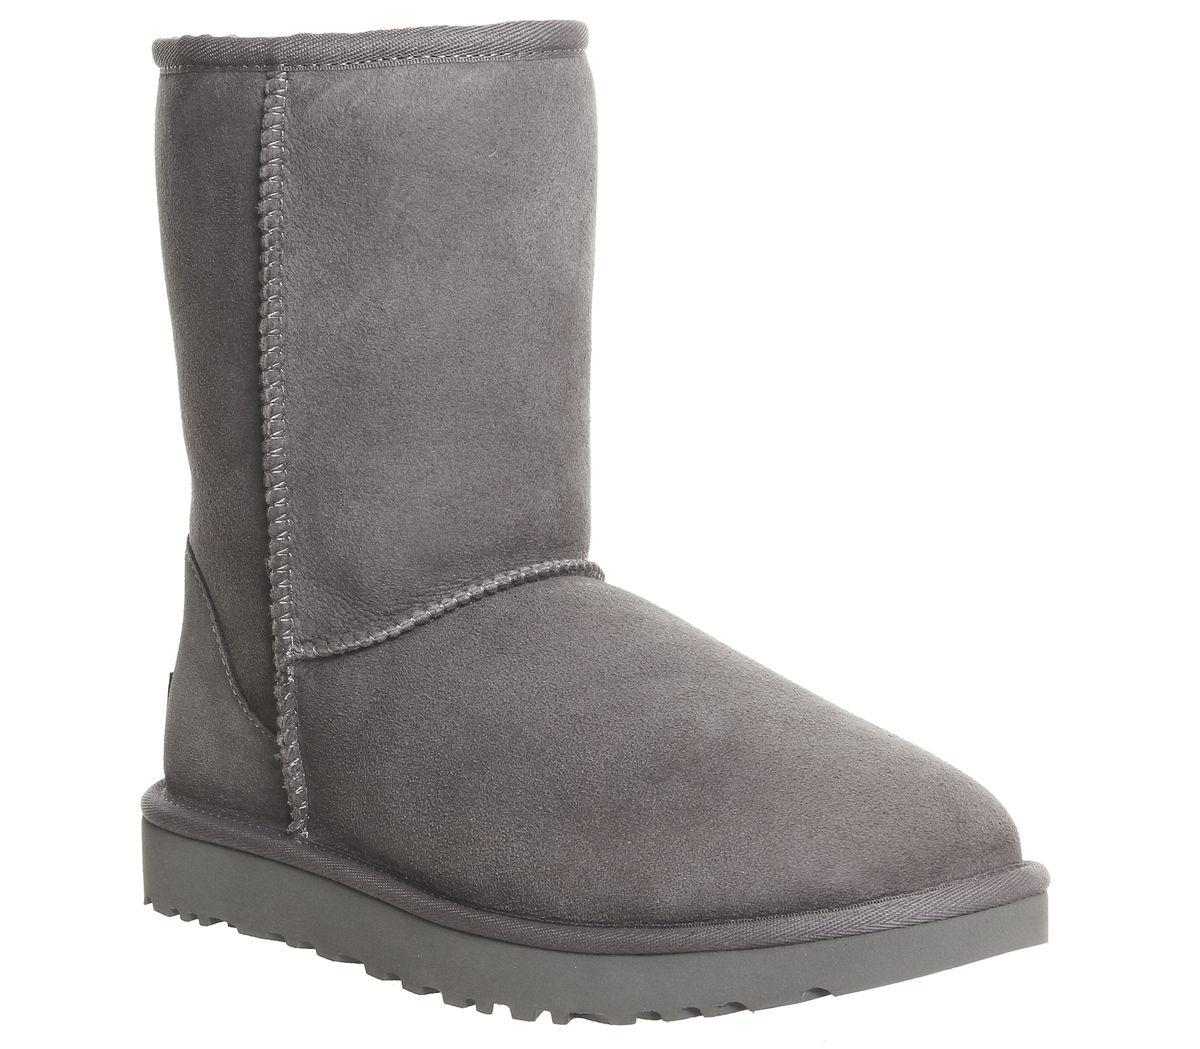 7de1fef5fec Classic Short II Boots